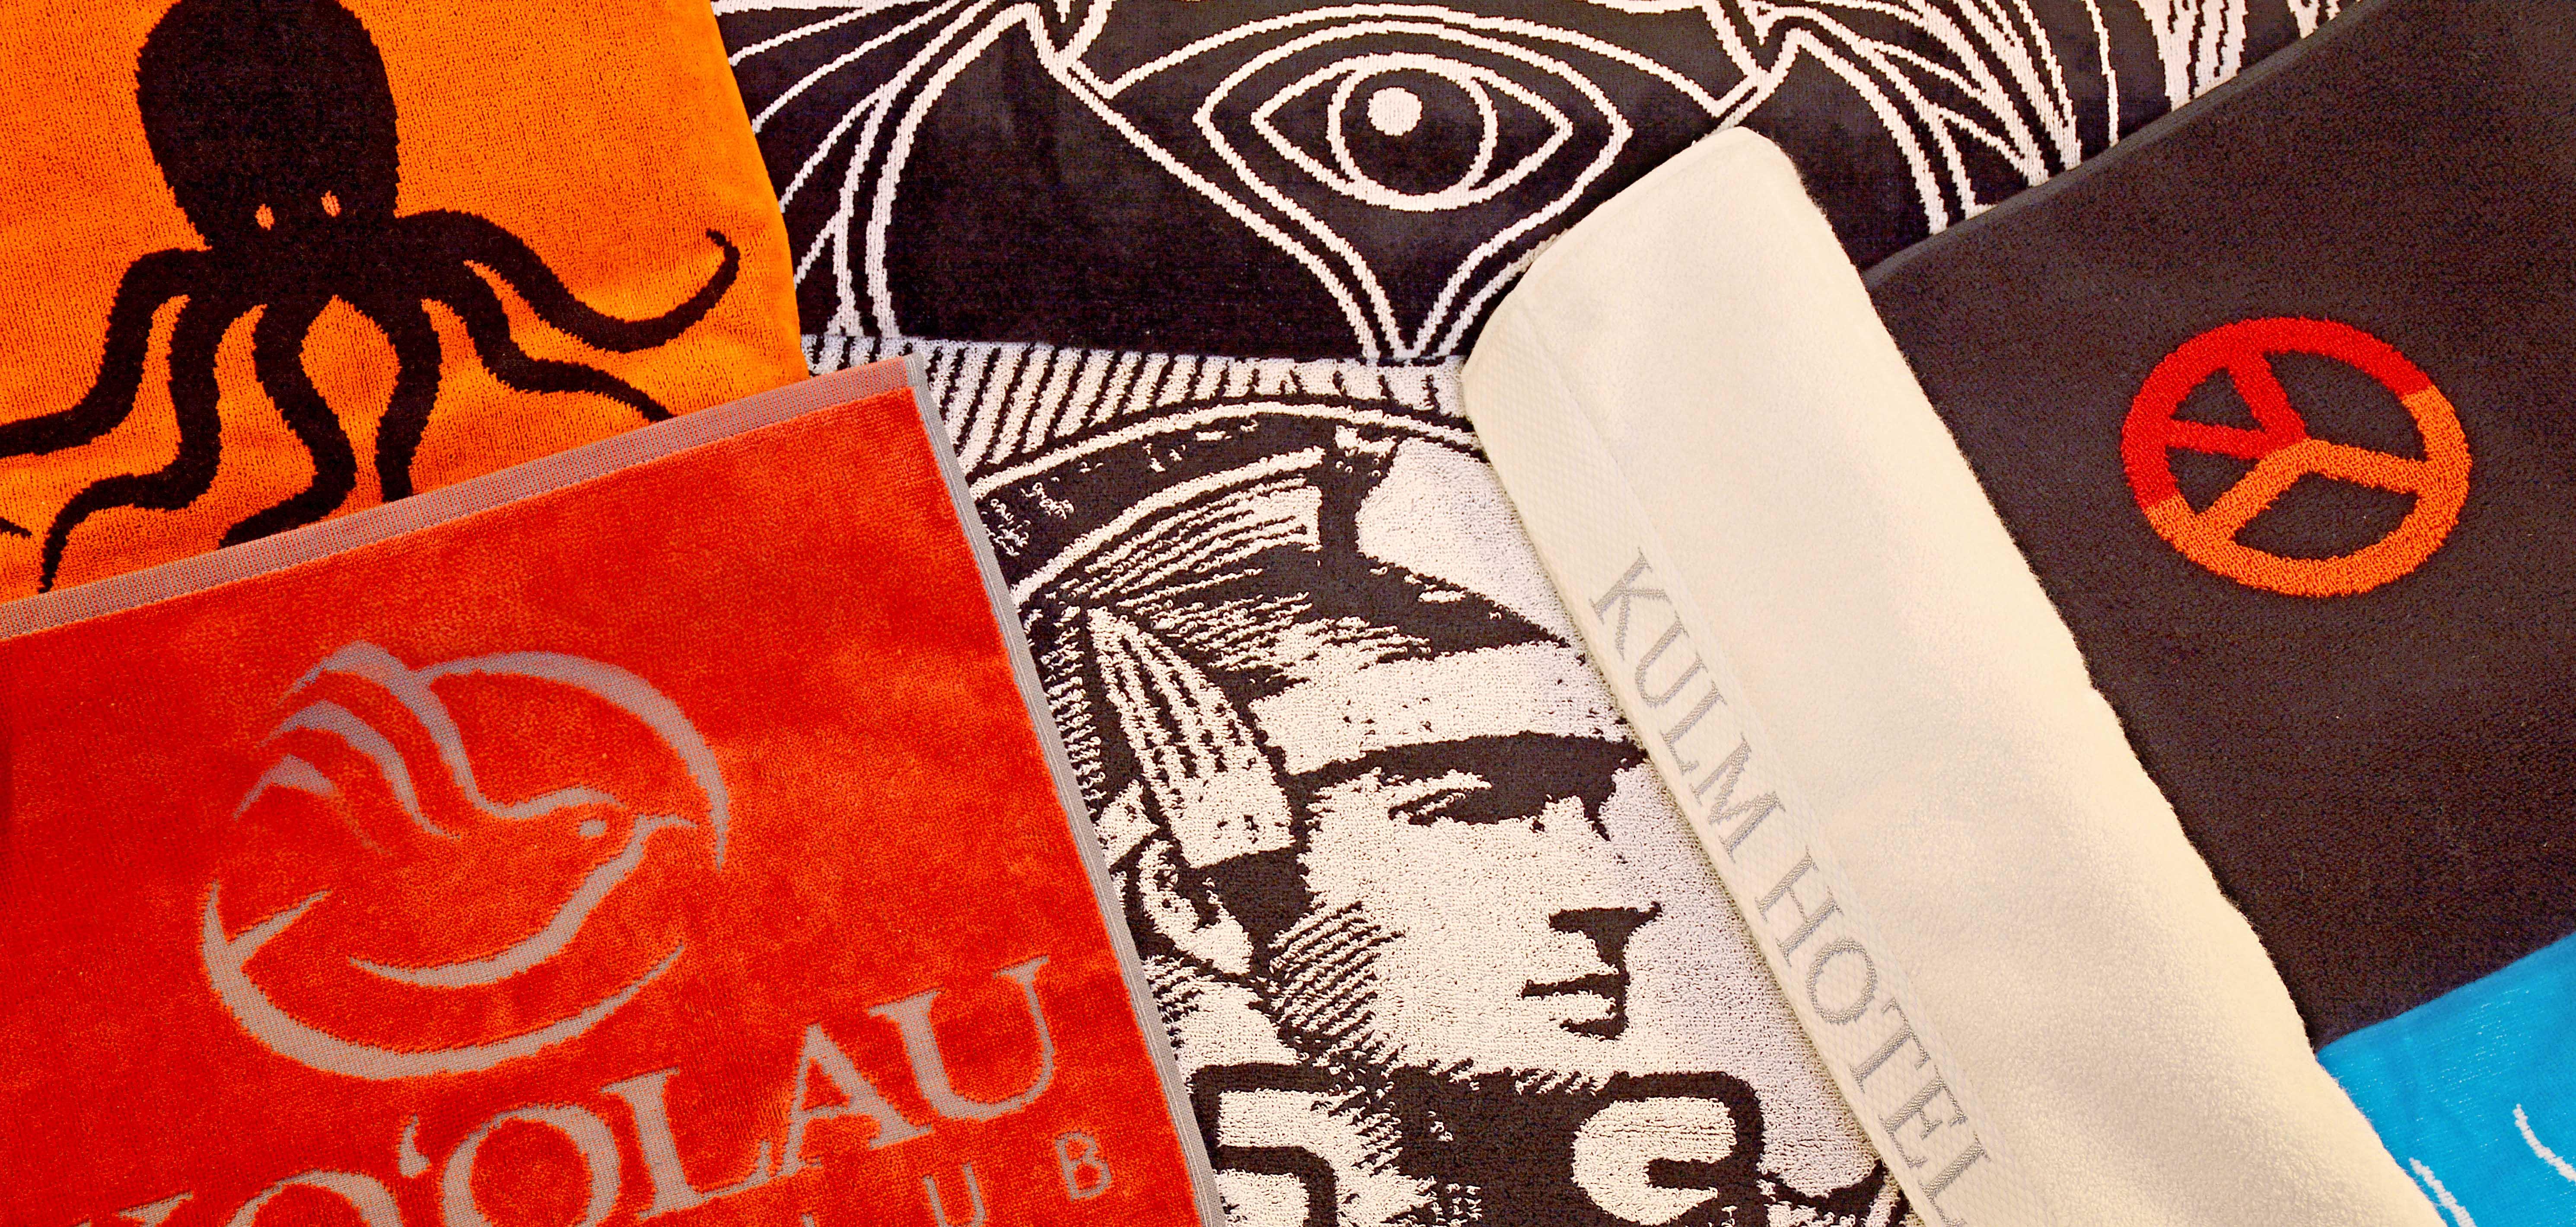 Handtuch Promotion Werbetuch Herka Frottier Einwebung Jacquard Relief Hoch Tief Bordüre Stick terry towel inweaving cotton Baumwolle